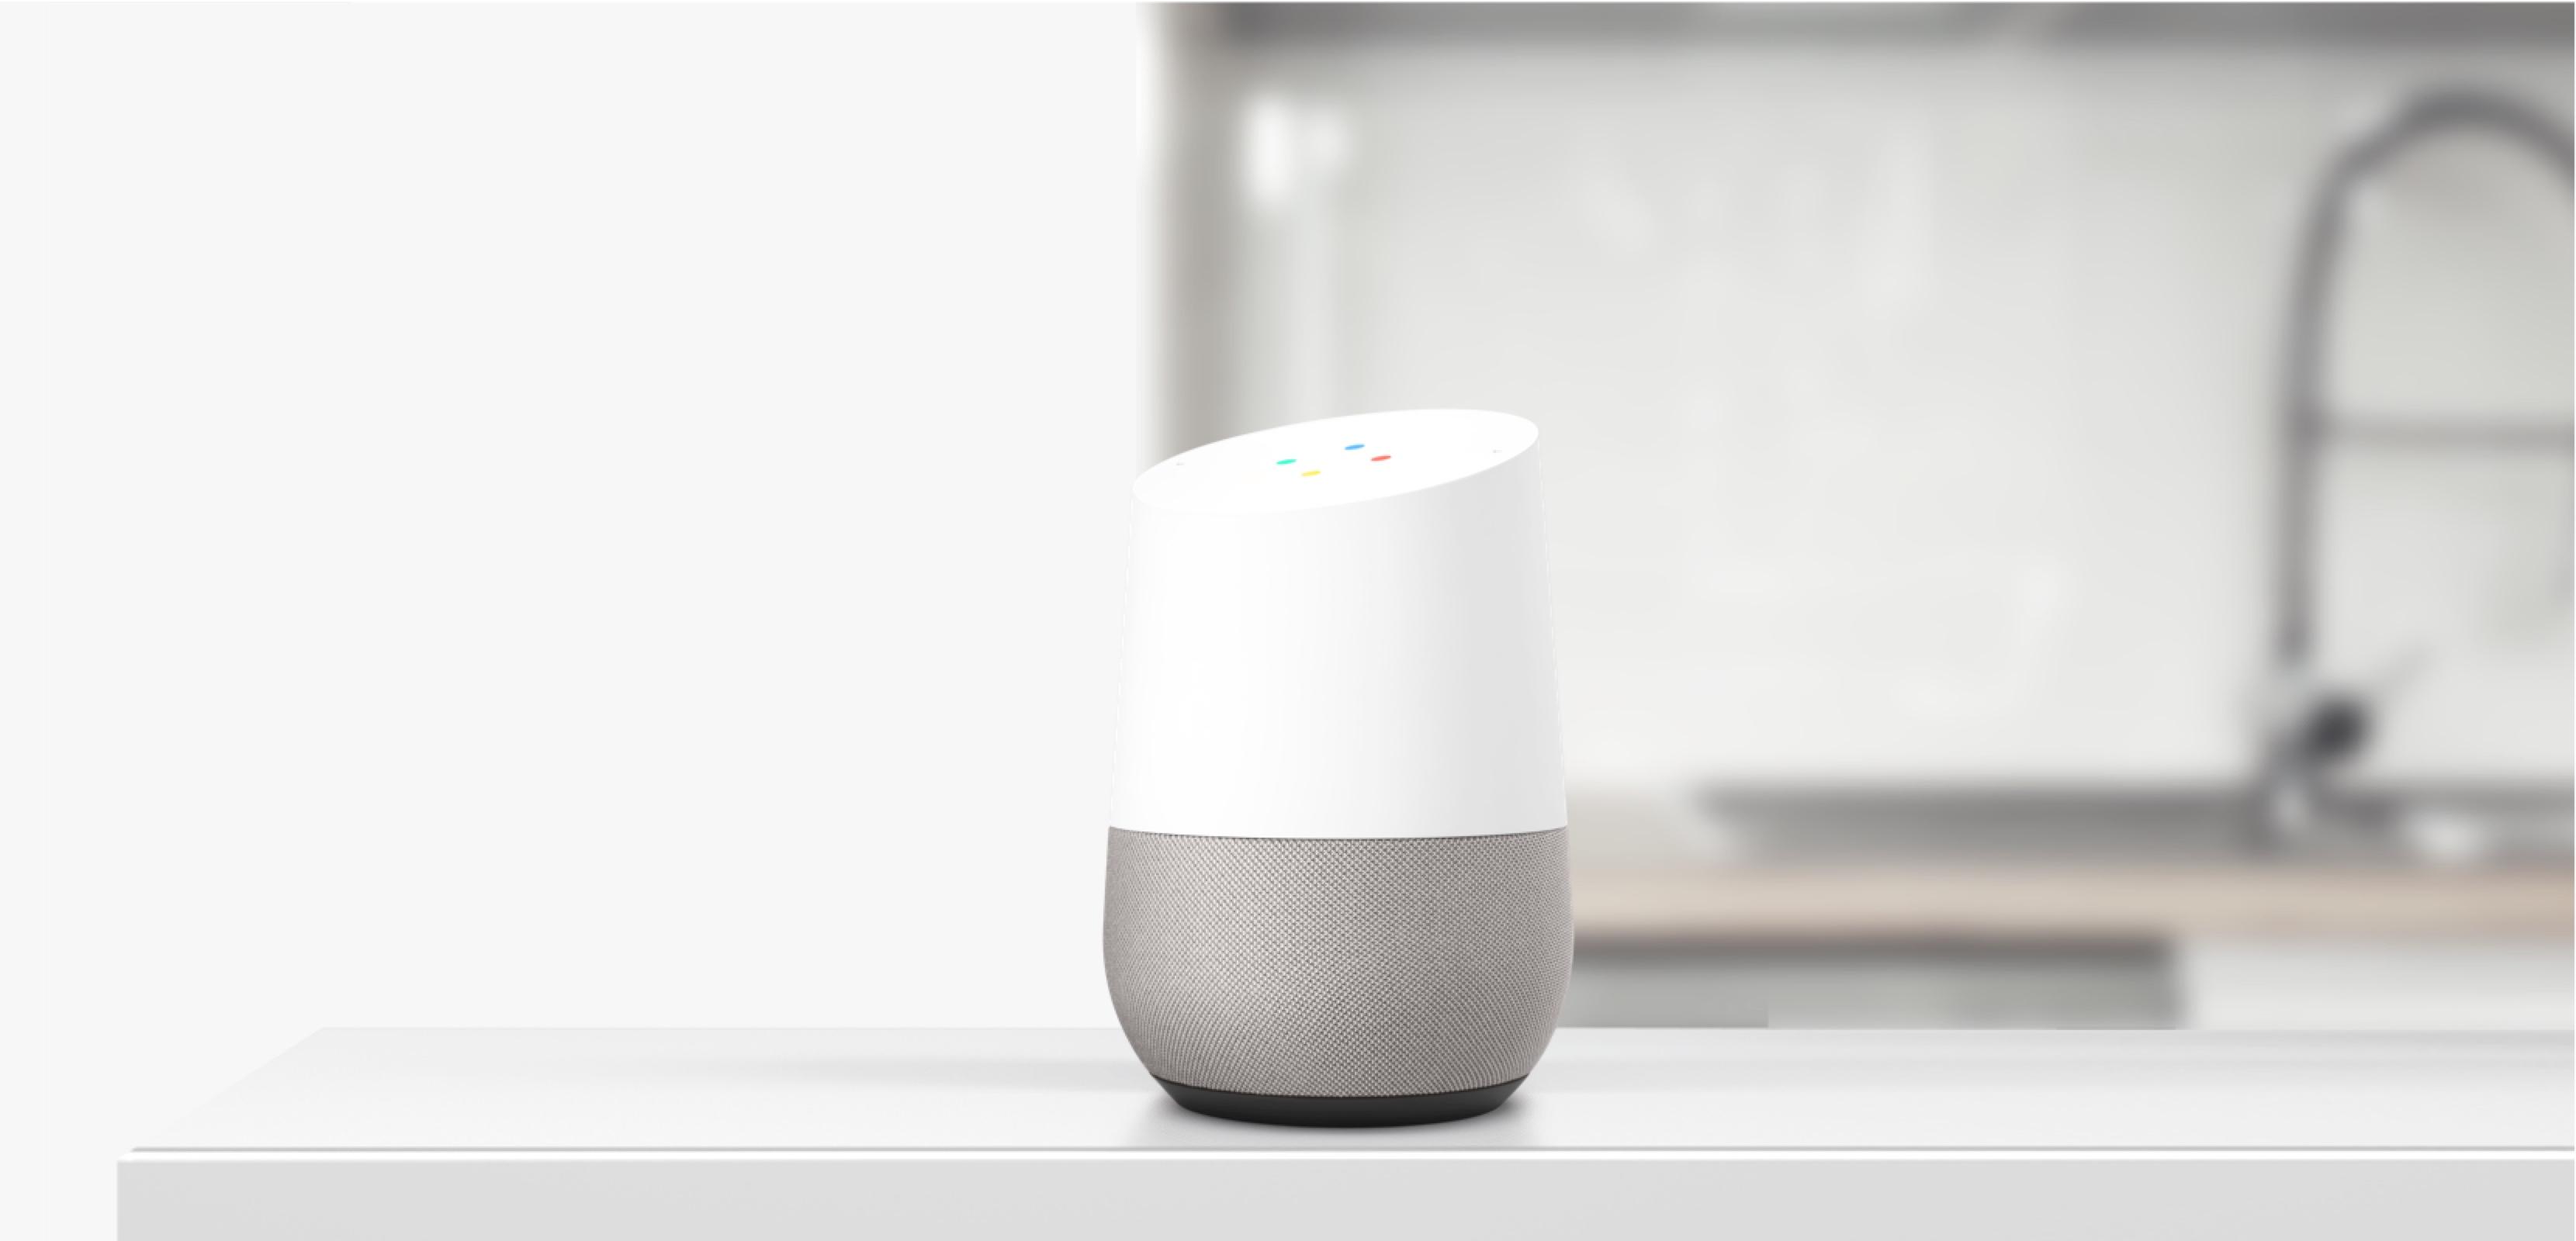 El ecosistema de Google sigue creciendo con la inteligencia artificial como núcleo